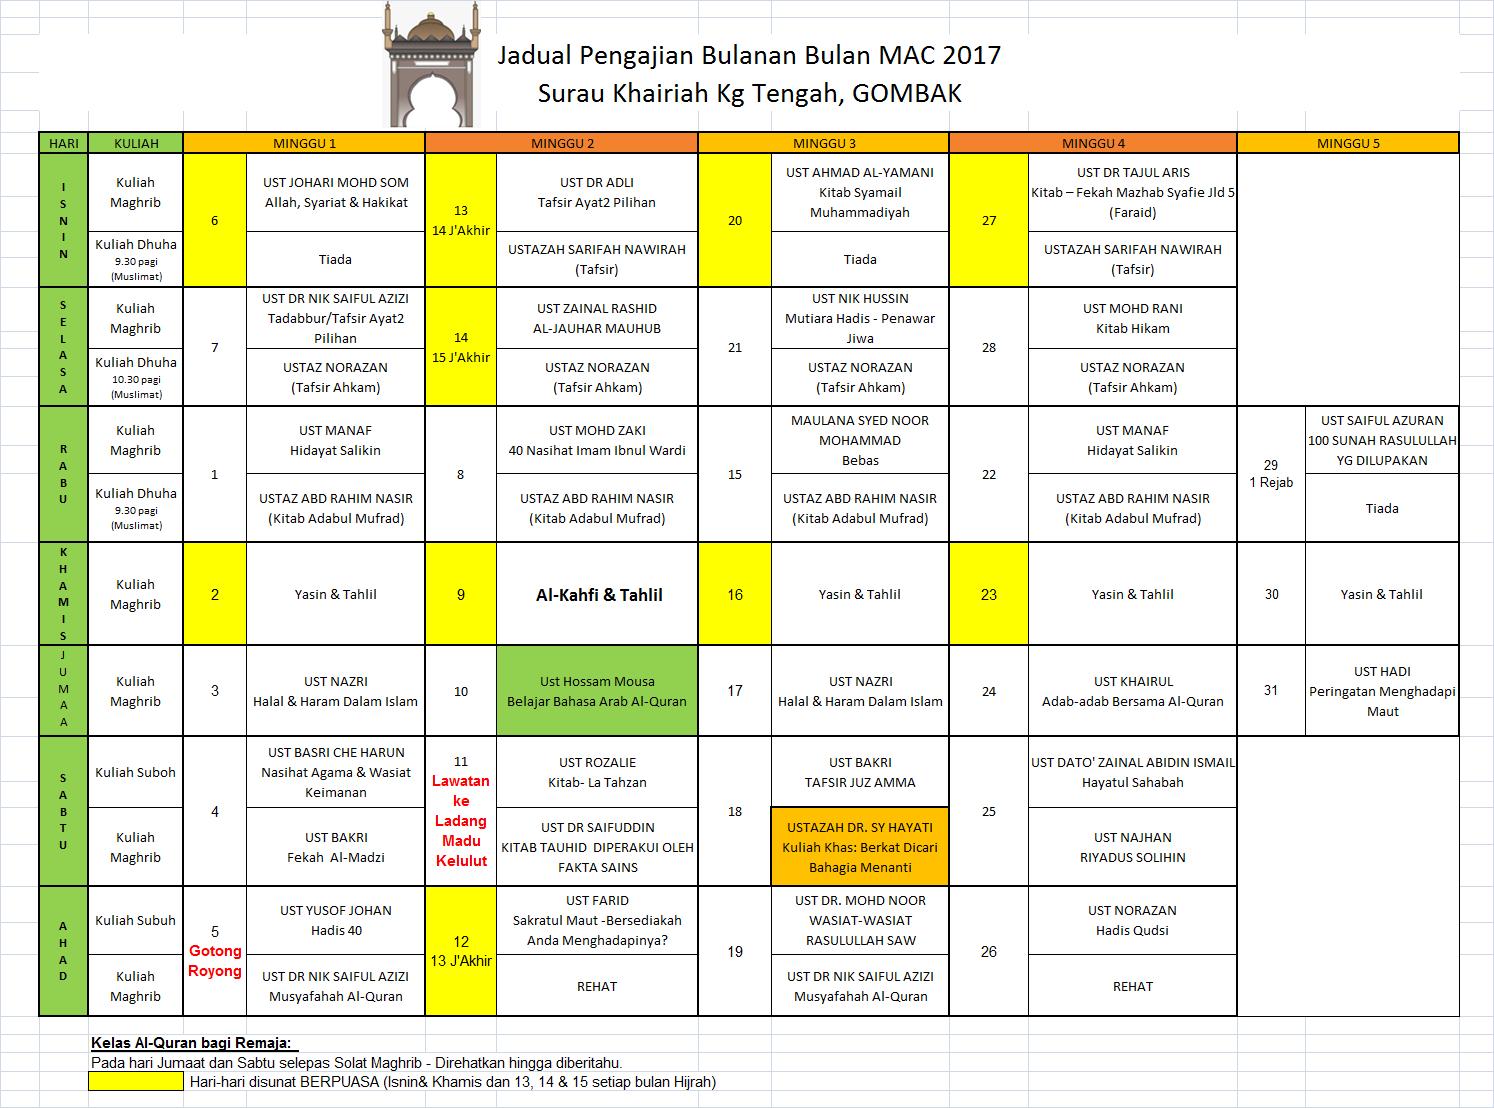 jadual-pengajian-mac-2017